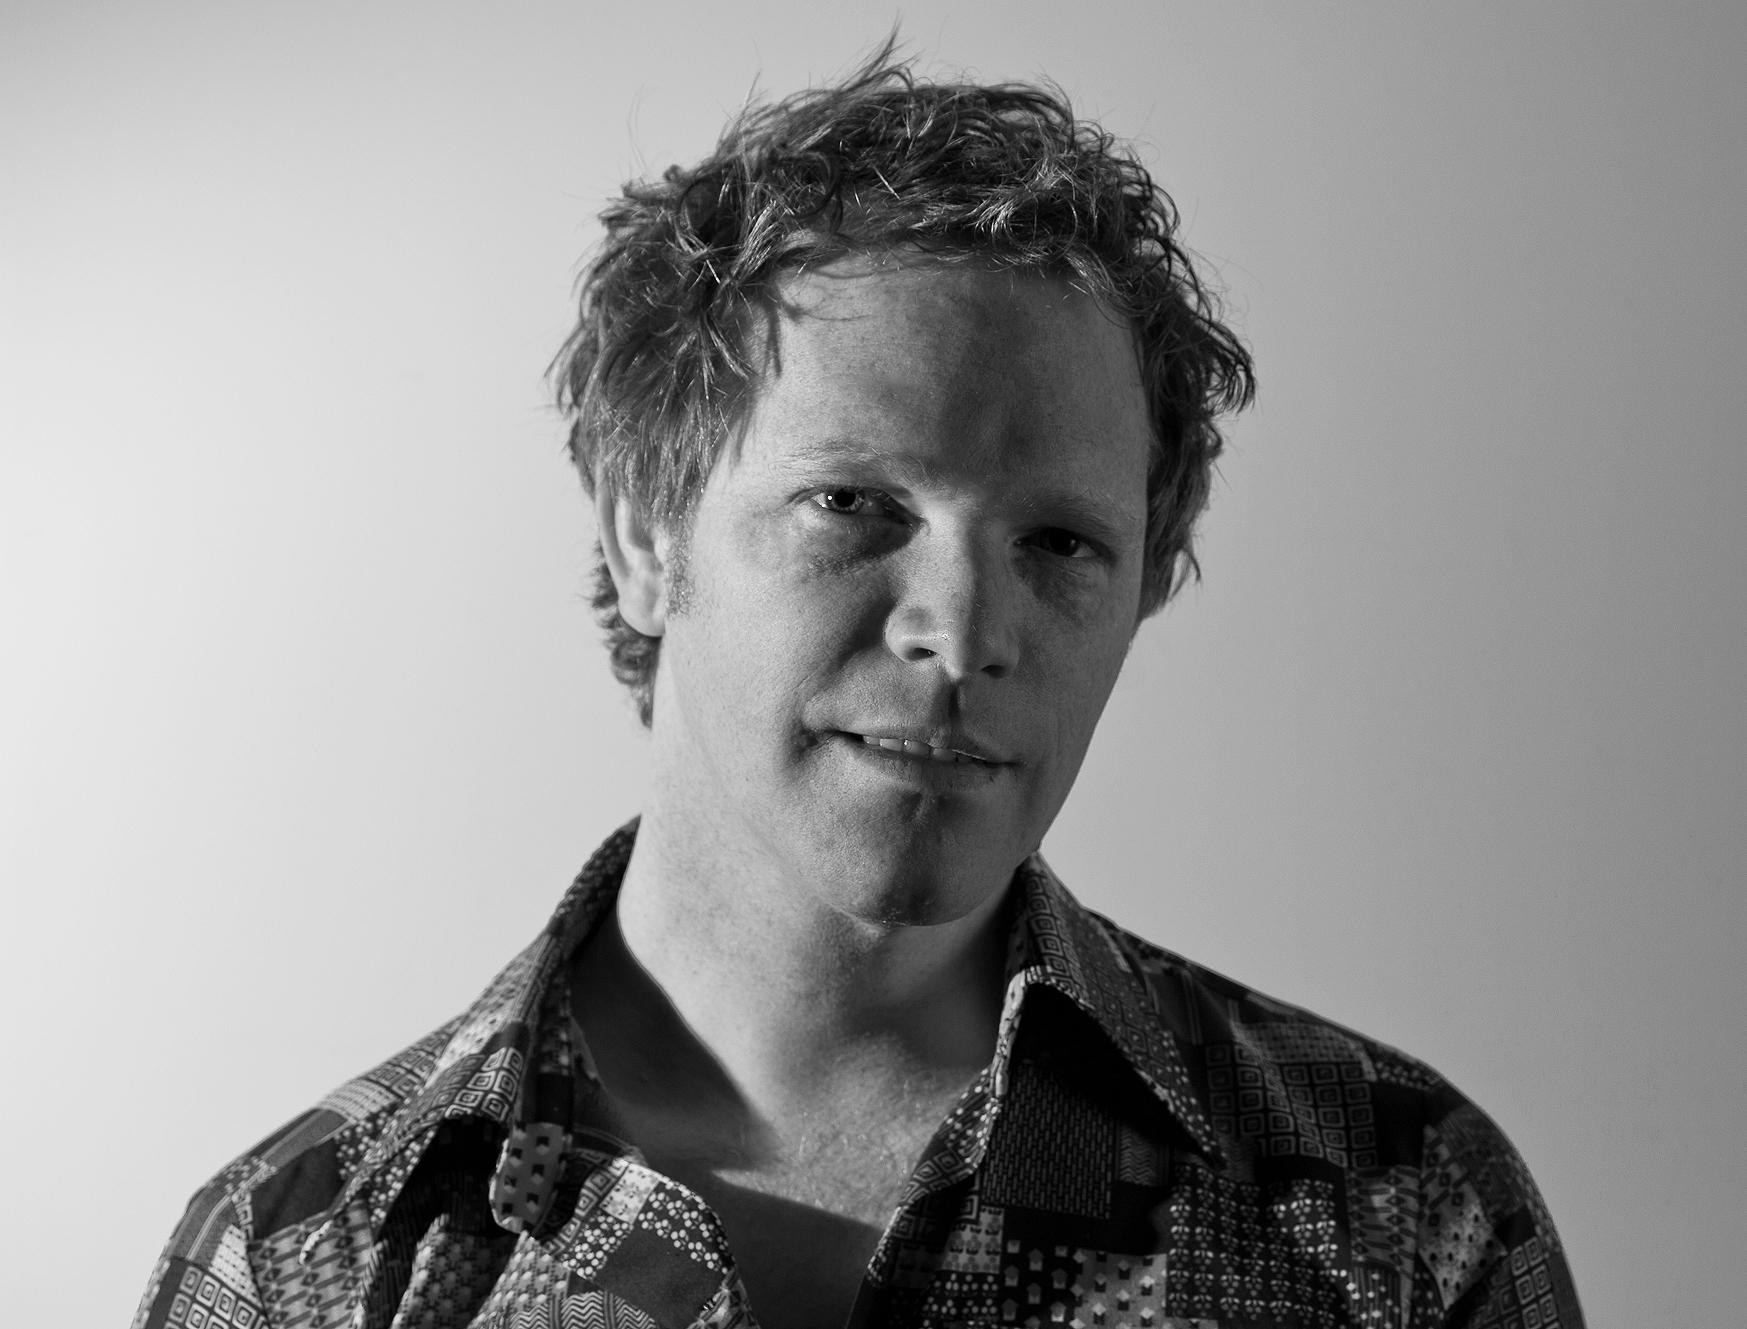 Julian Rutt, B.Arch (hons), AIA